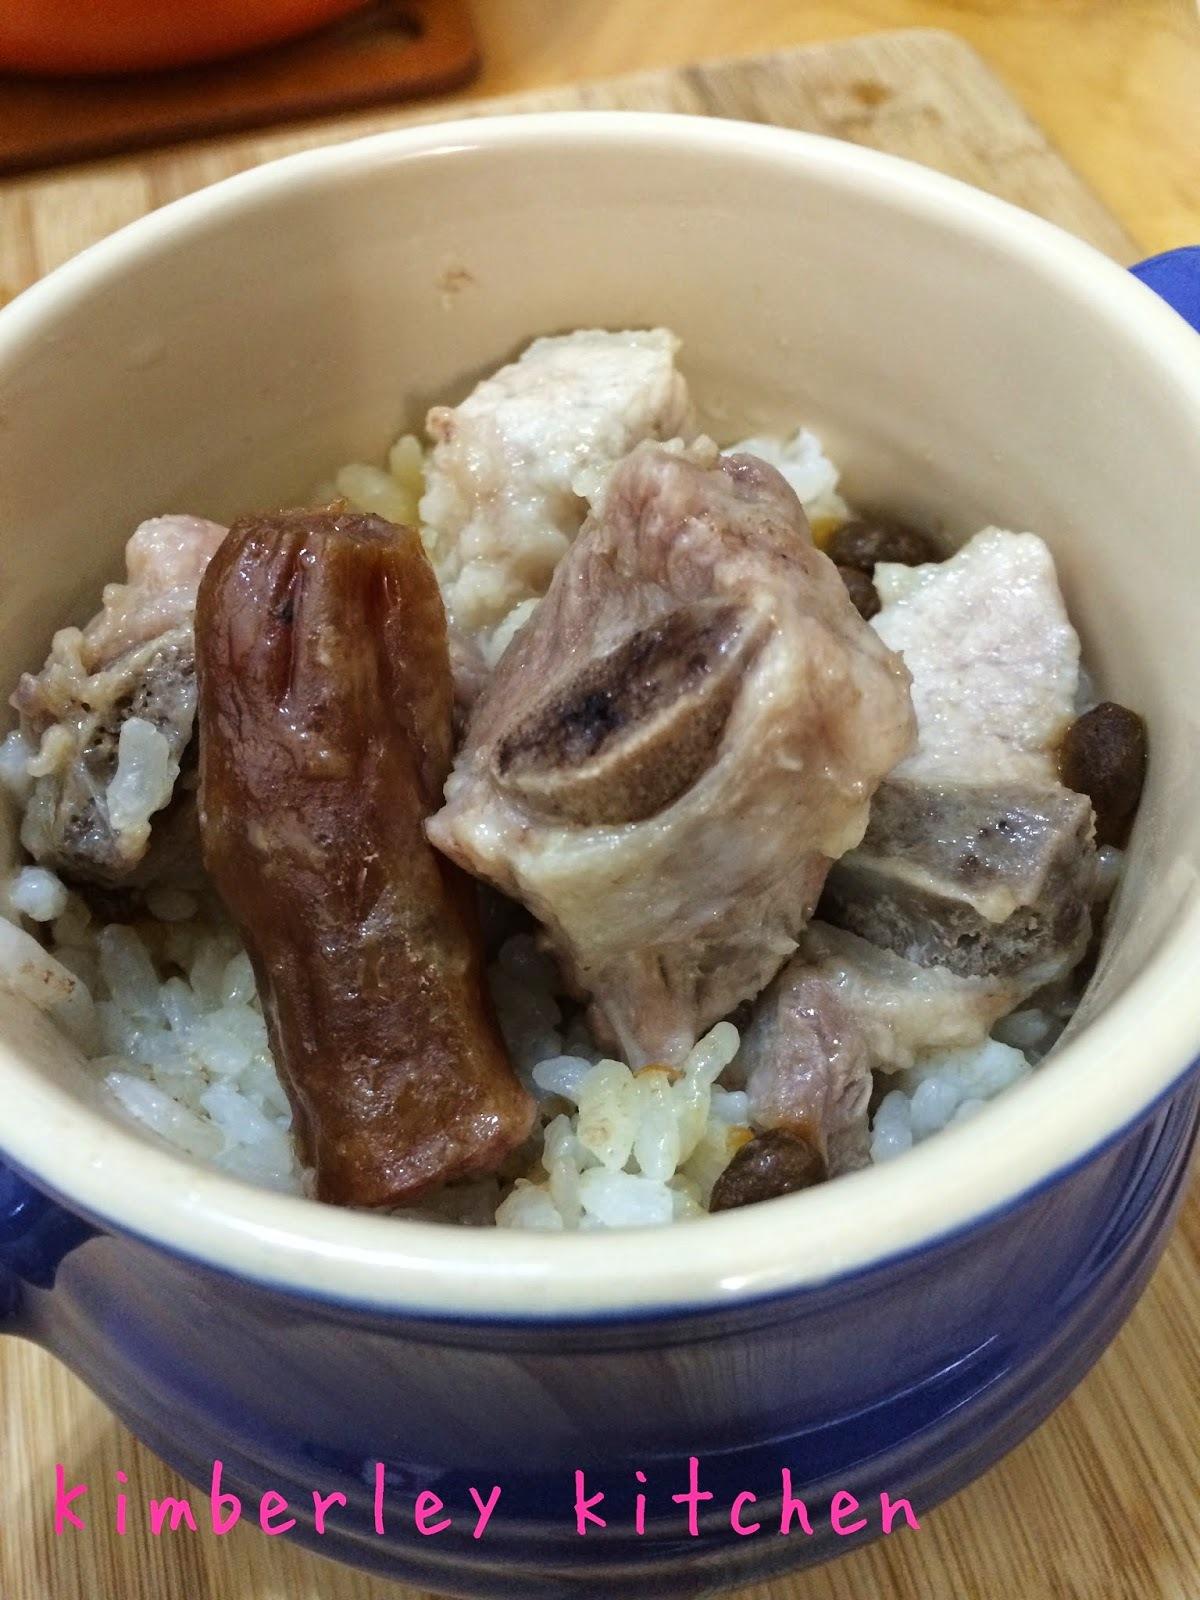 蒸飯 - 附排骨臘腸蒸飯做法